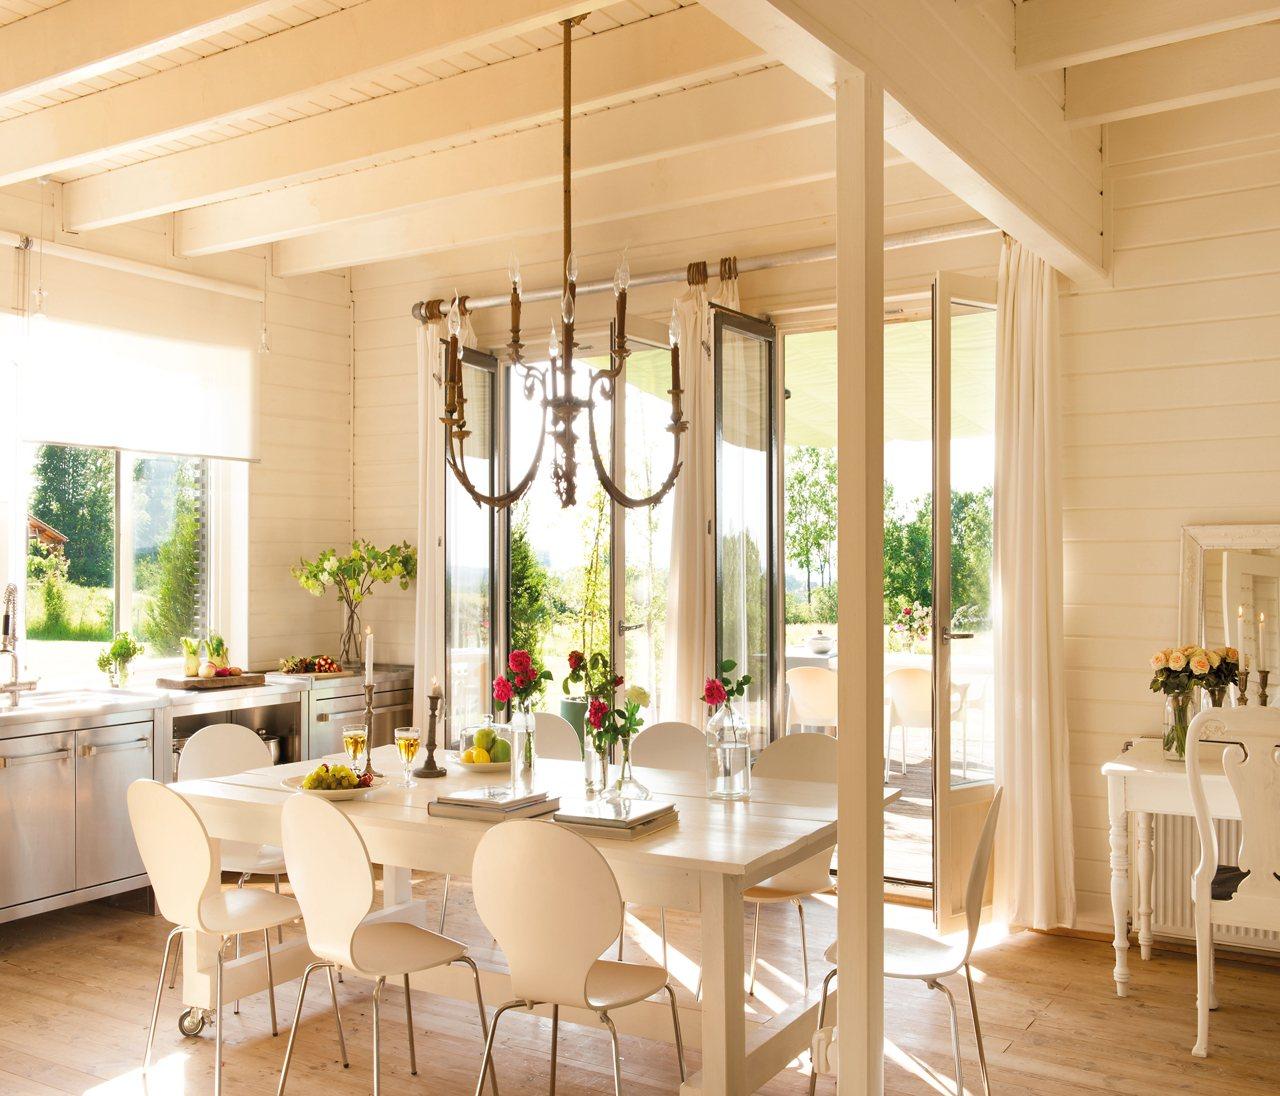 Blog by Nela: Una casa de madera con mucho estilo / A wooden ...